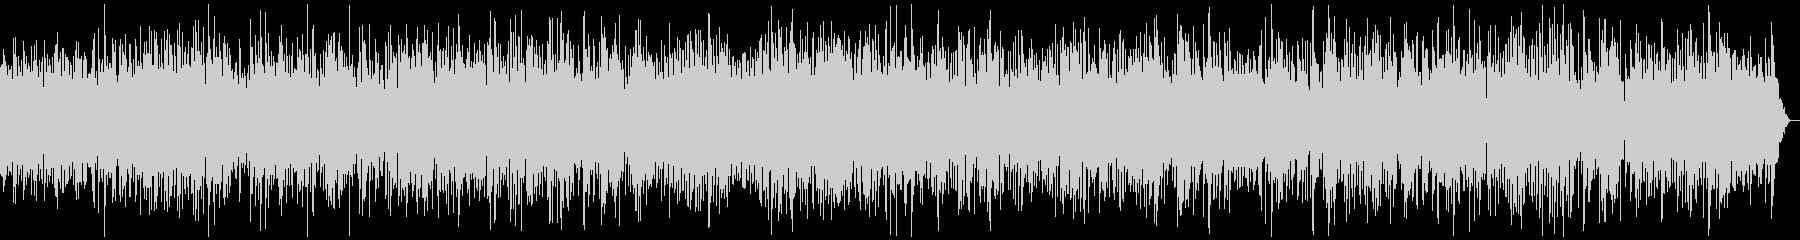 ピアノメロディーのやさしいポップの未再生の波形